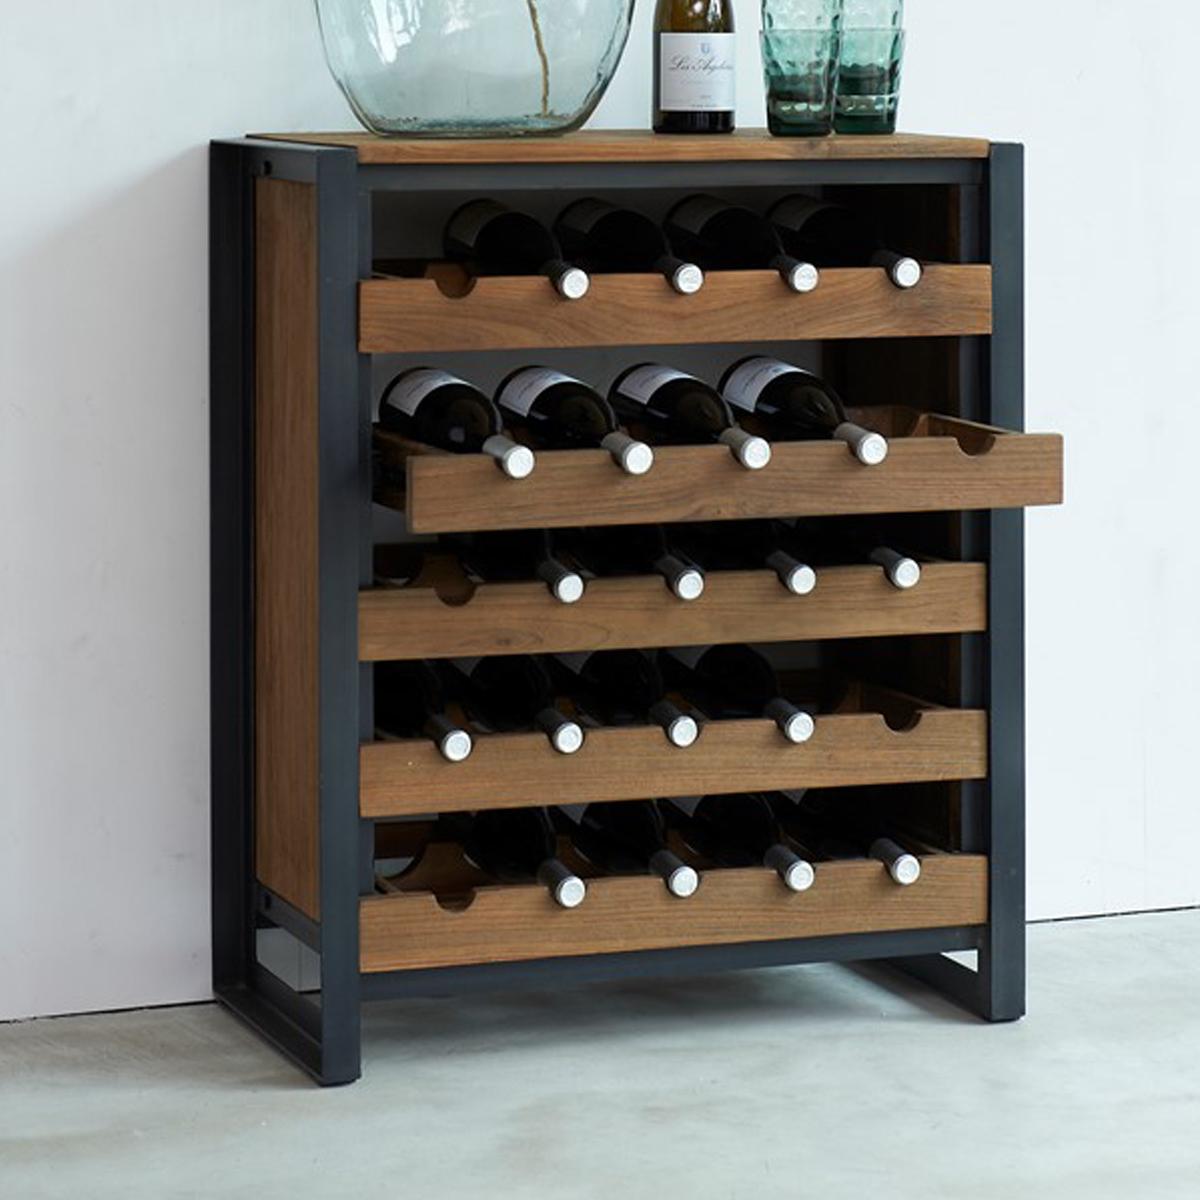 Industriele wijnkast van hout